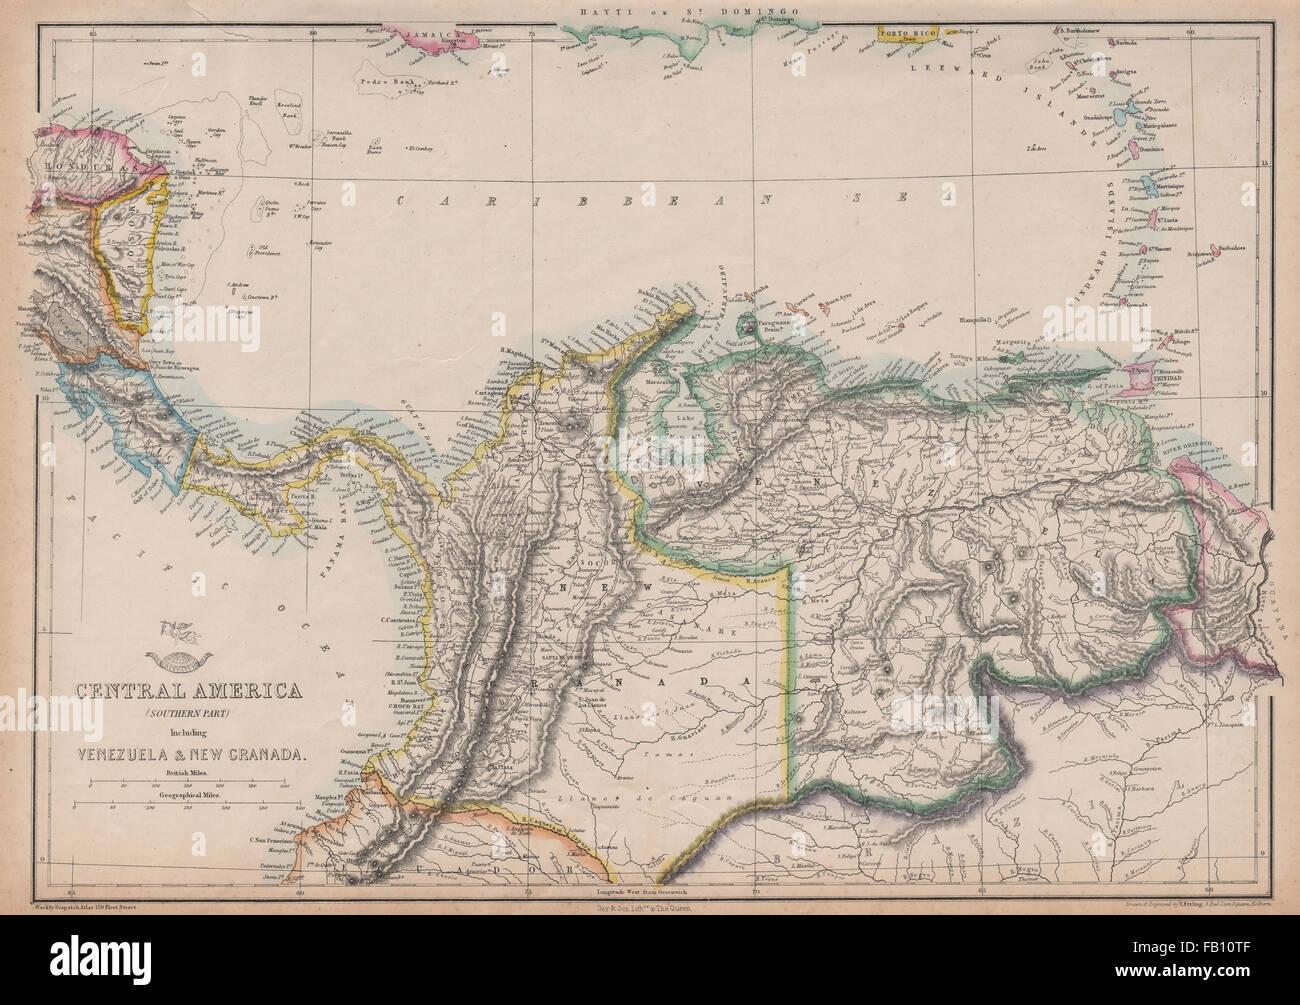 SOUTHERN CENTRAL AMERICA. Mosquito New Granada Venezuela ... on america map panama, america map colorado, america map grenada, america map spain, america map mississippi, america map el salvador, america map uruguay, america map arizona, america map italy, america map brazil, america map jamaica, america map bahamas, america map georgia, america map texas, america map honduras, america map north america, america map philippines, america map canada,